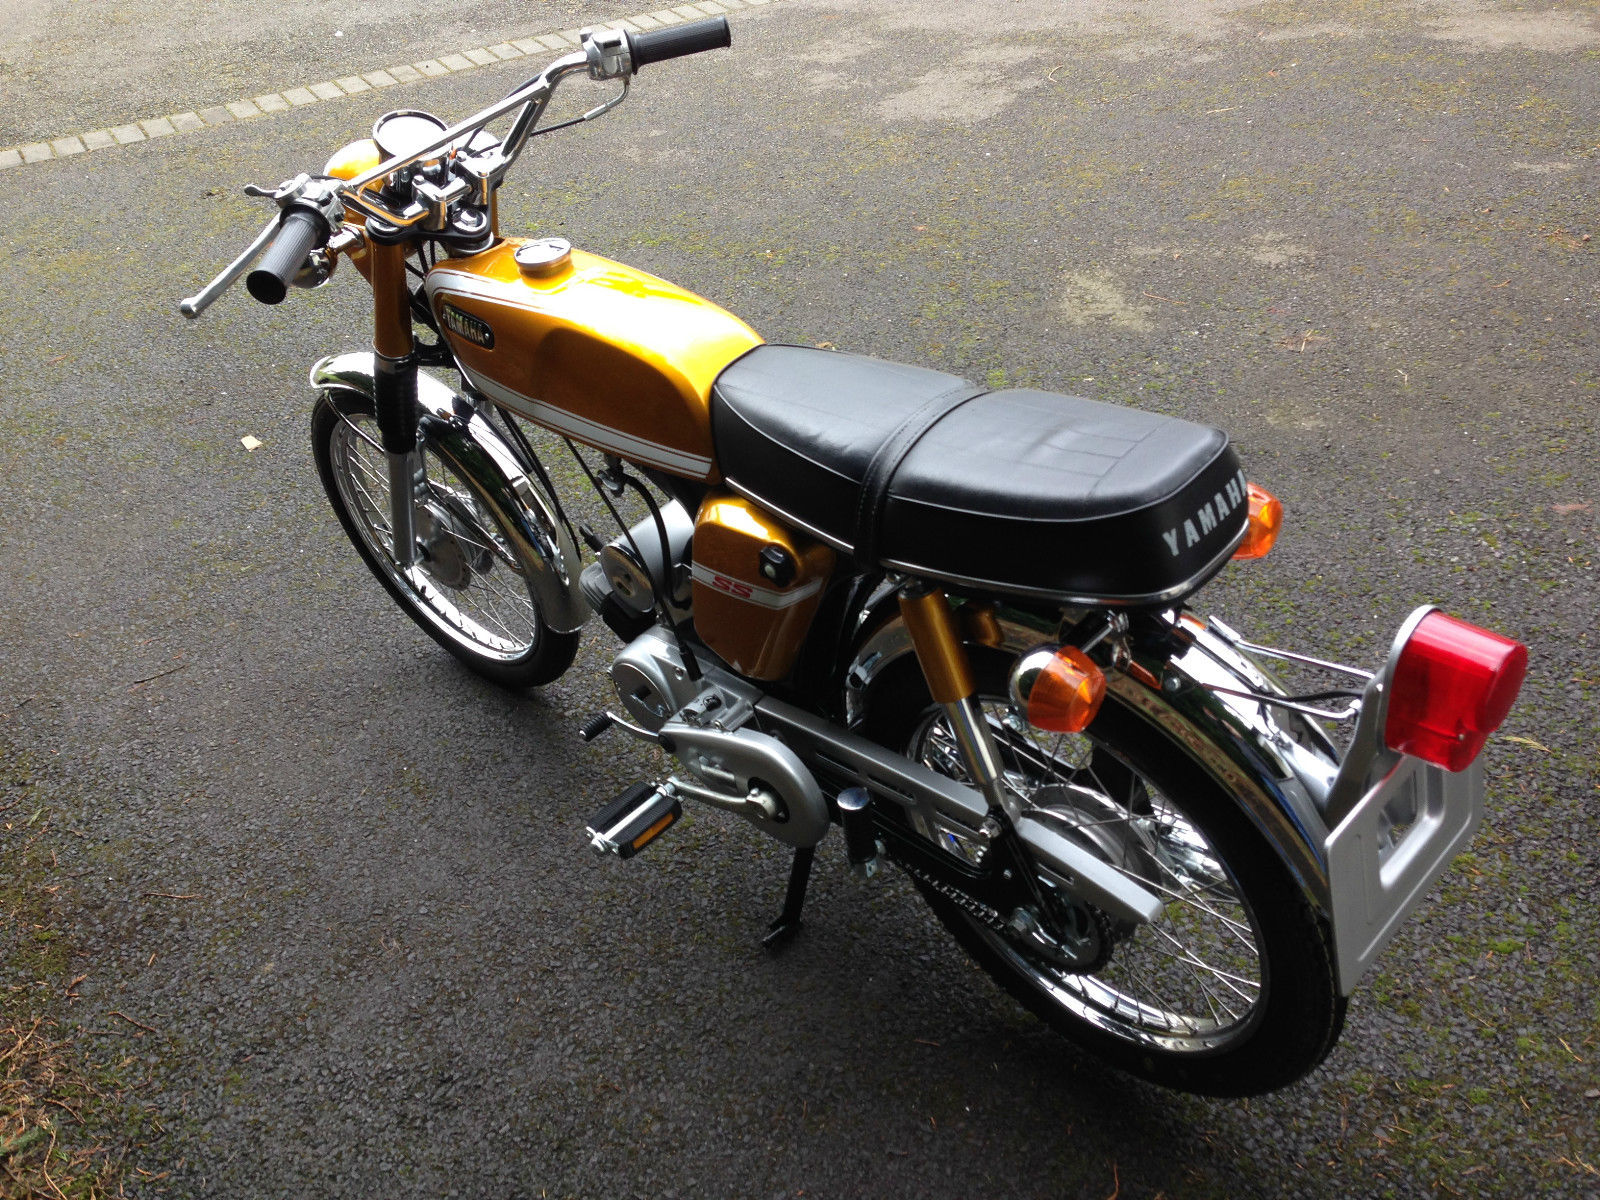 Yamaha SS50 - 1973 - Tank, Seat and Rear Mudguard.